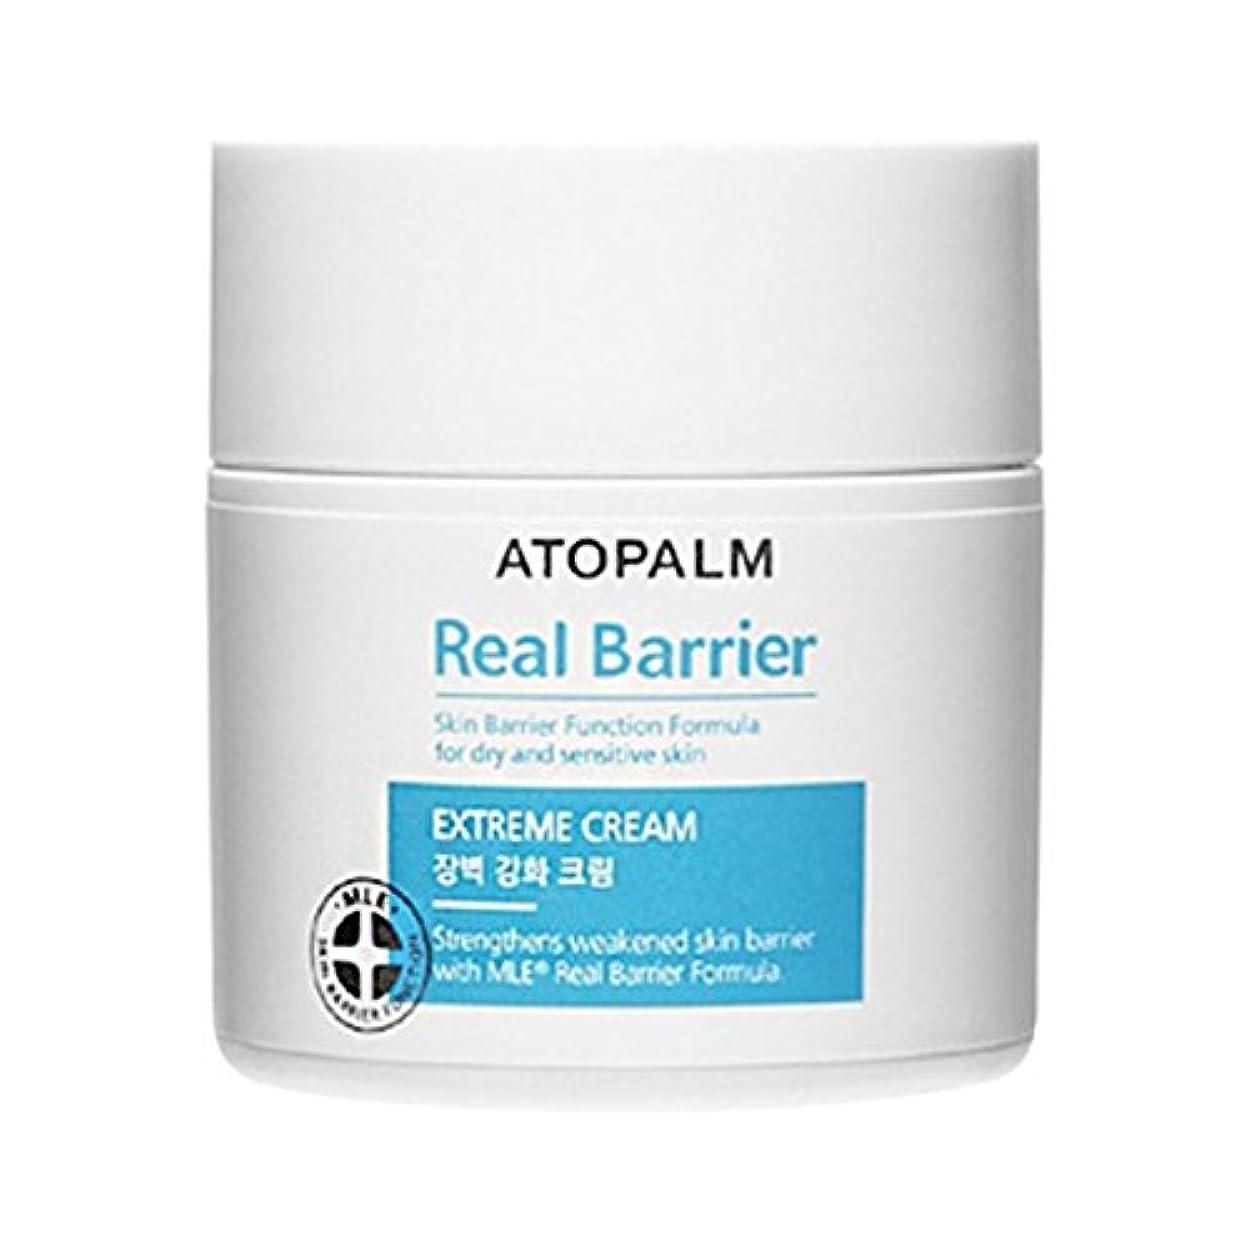 不機嫌悪意囚人アトファムリアルバリア?エクストリームクリーム50ml、韓国化粧品 ATOPALM Real Barrier Extream Cream 50ml, Korean Cosmetics [並行輸入品]